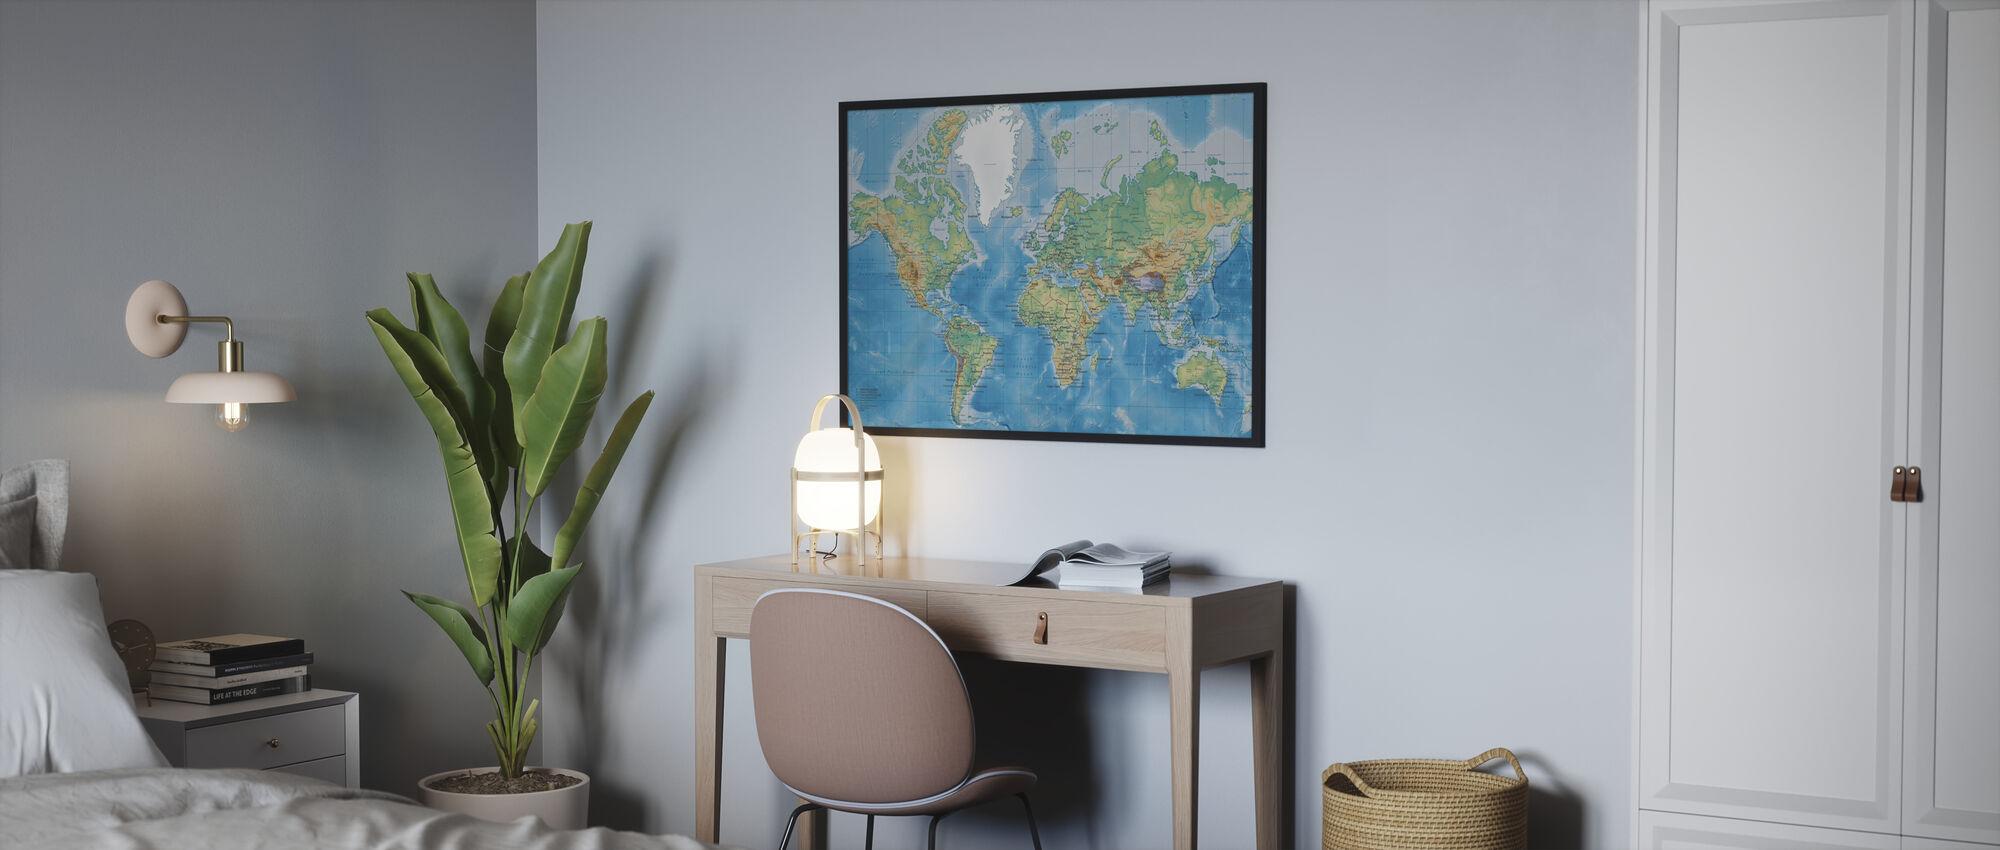 Mappa del mondo dettagliata - Stampa incorniciata - Camera da letto